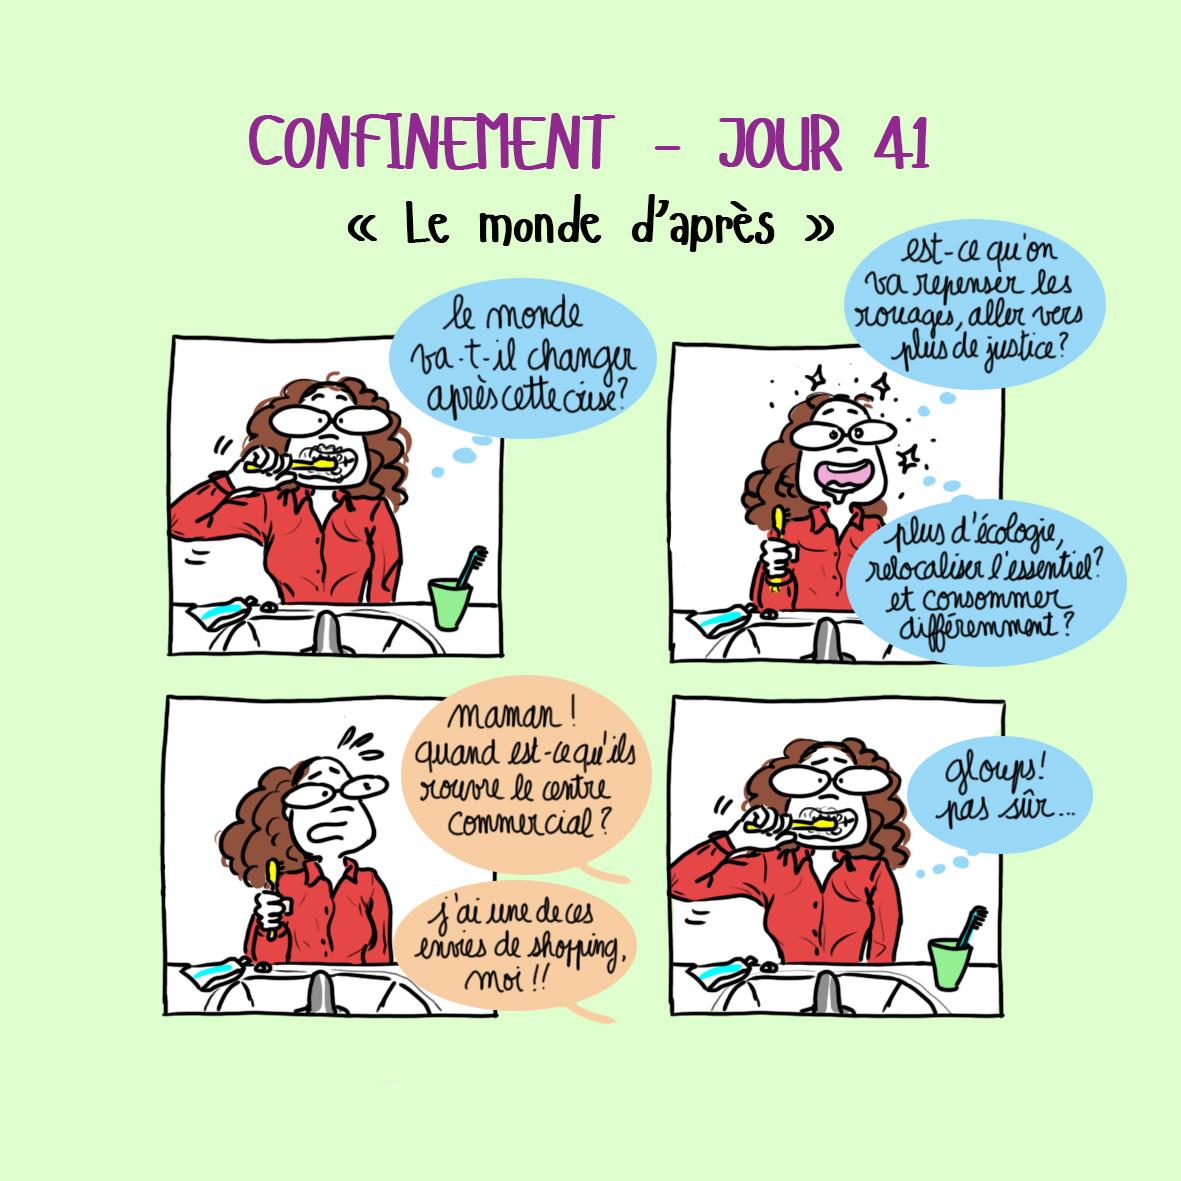 Journal de confinement - jour 41